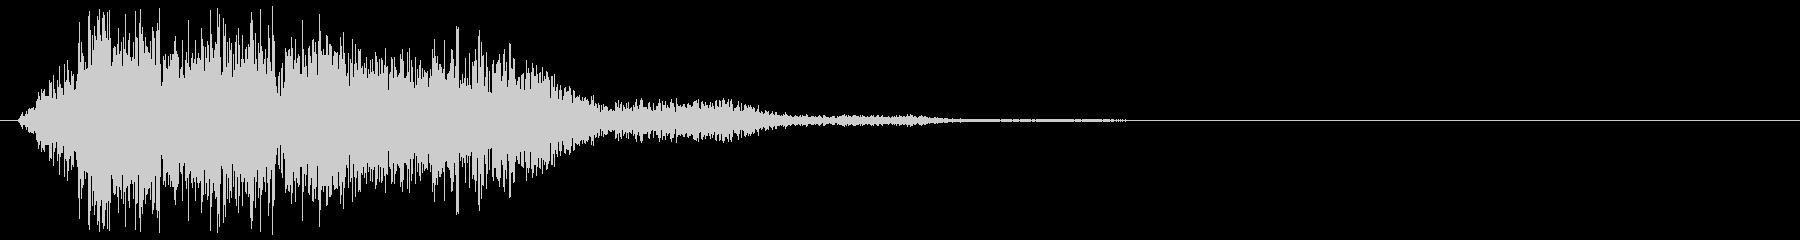 消失音 忍者消えるの未再生の波形